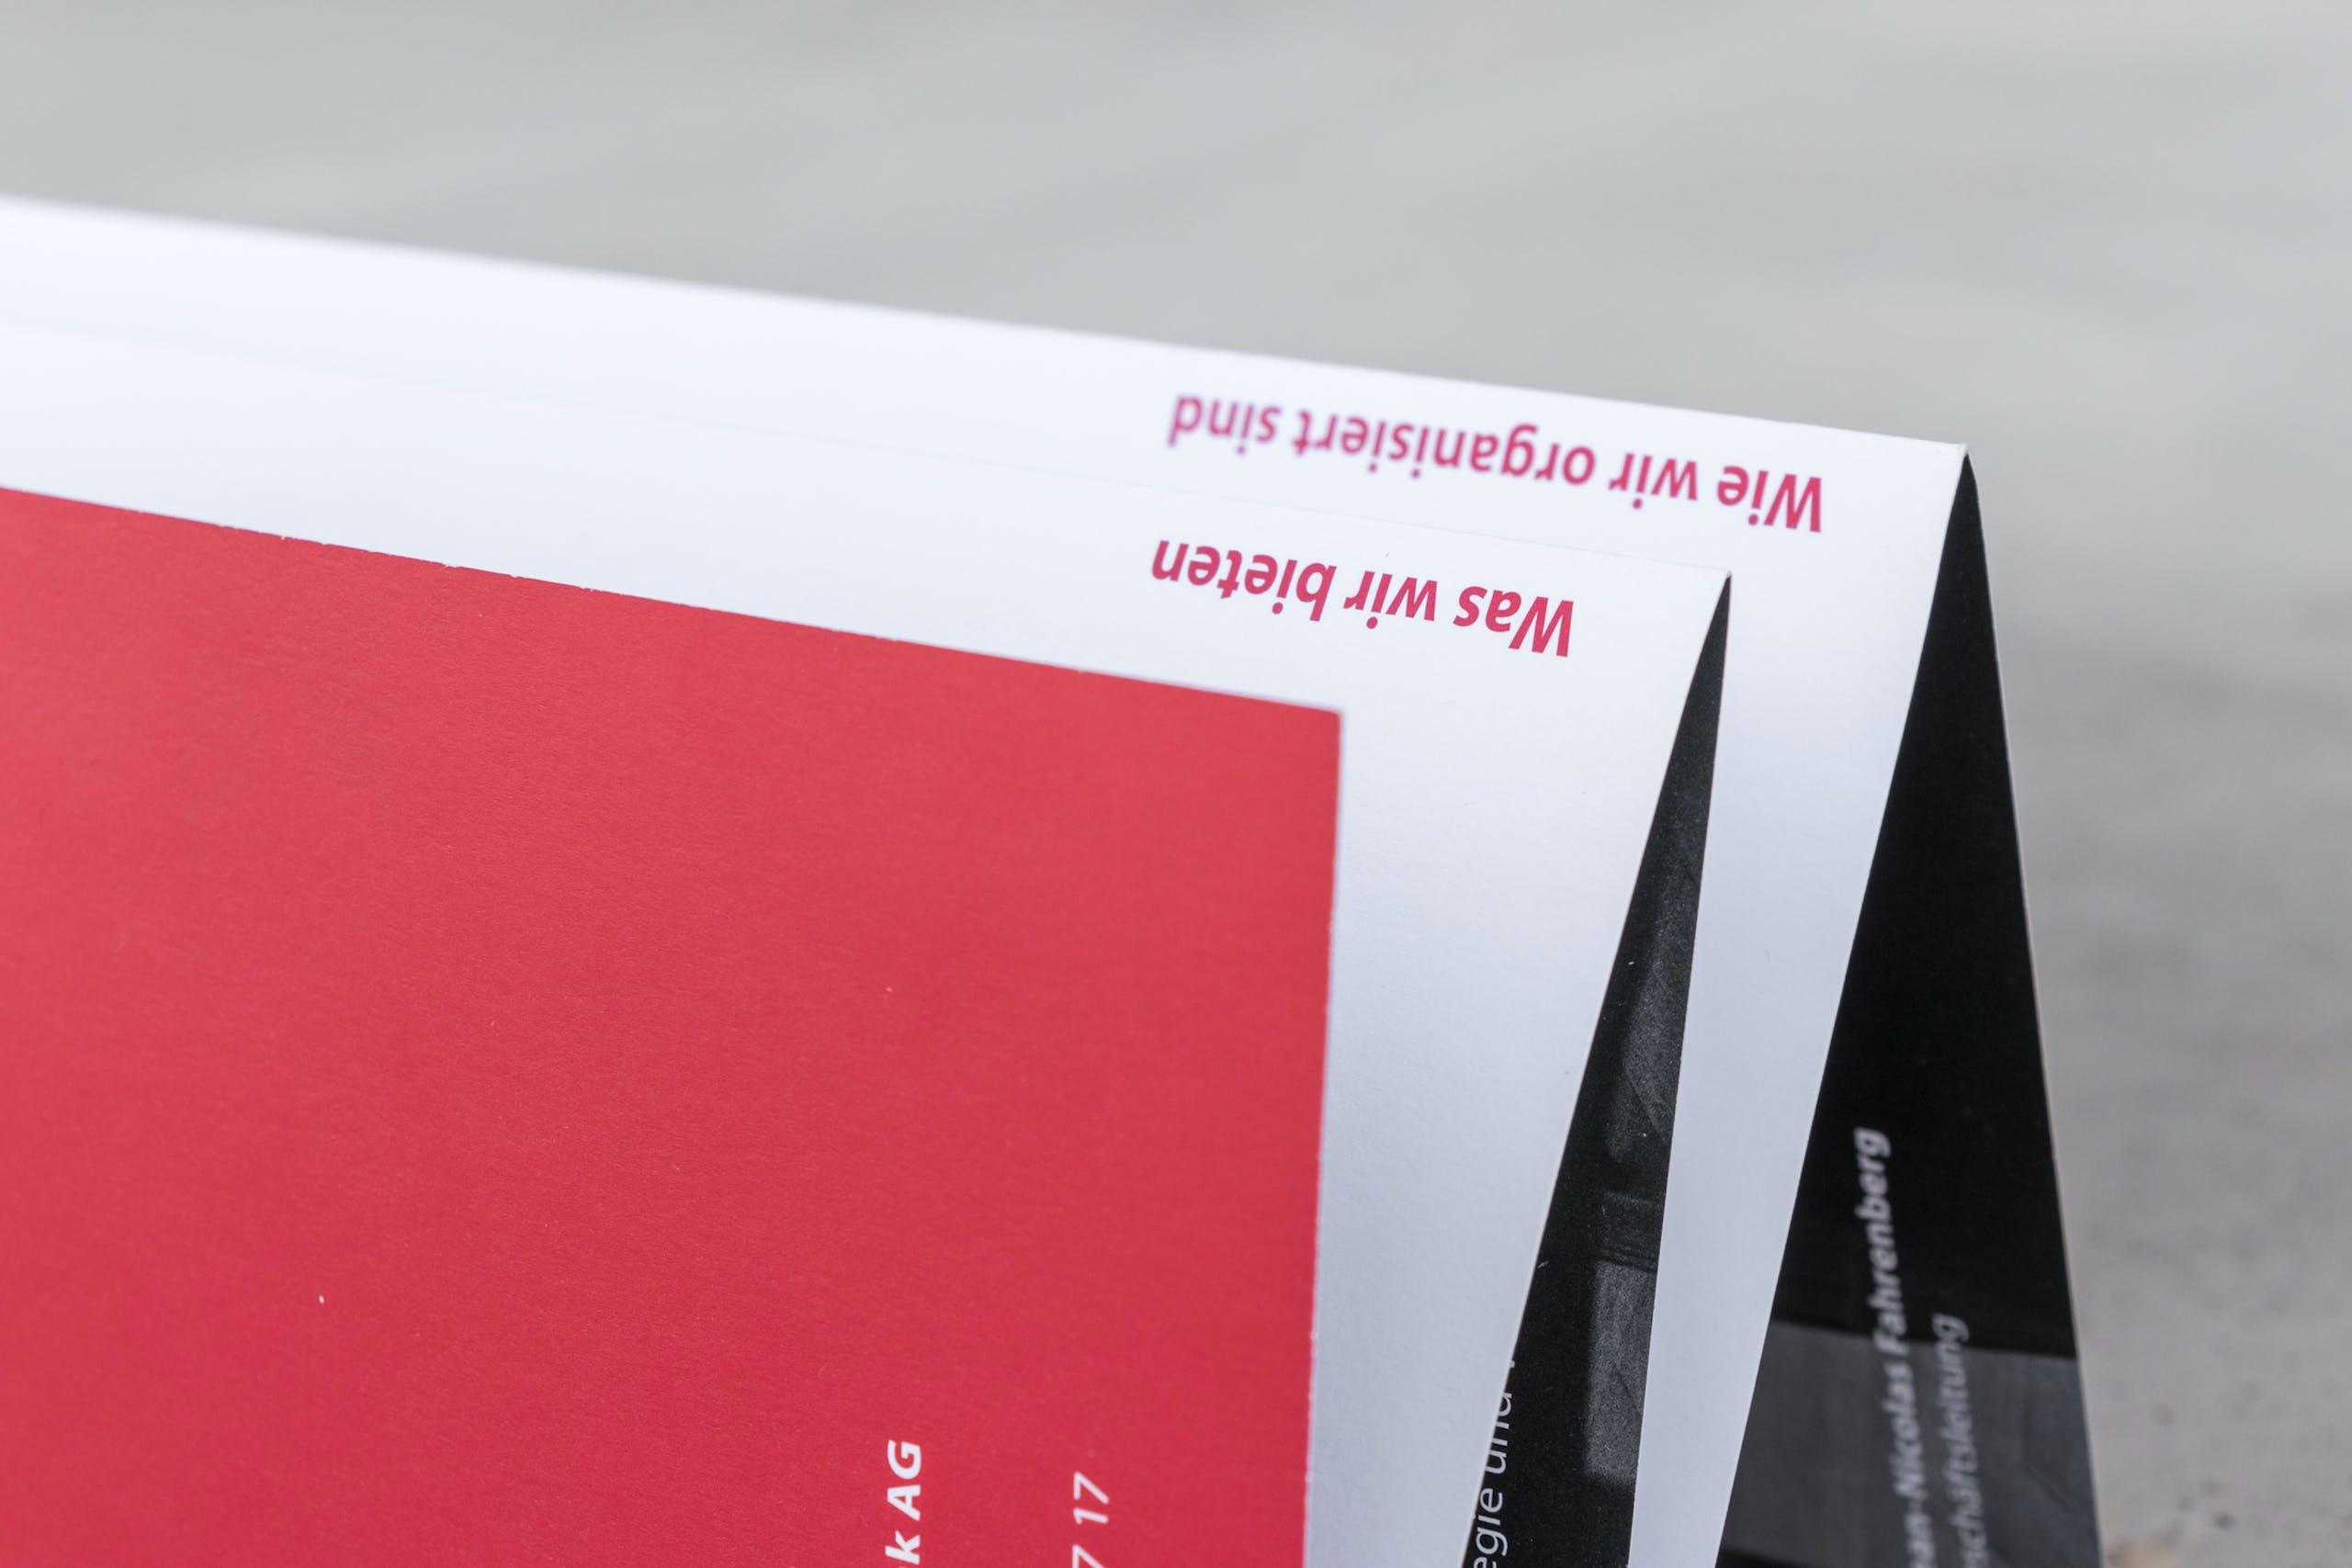 Ptivatbank, Basel-Stadt, Stadt, banking, Gestaltung, Flyer, Konzept, Druck, Design